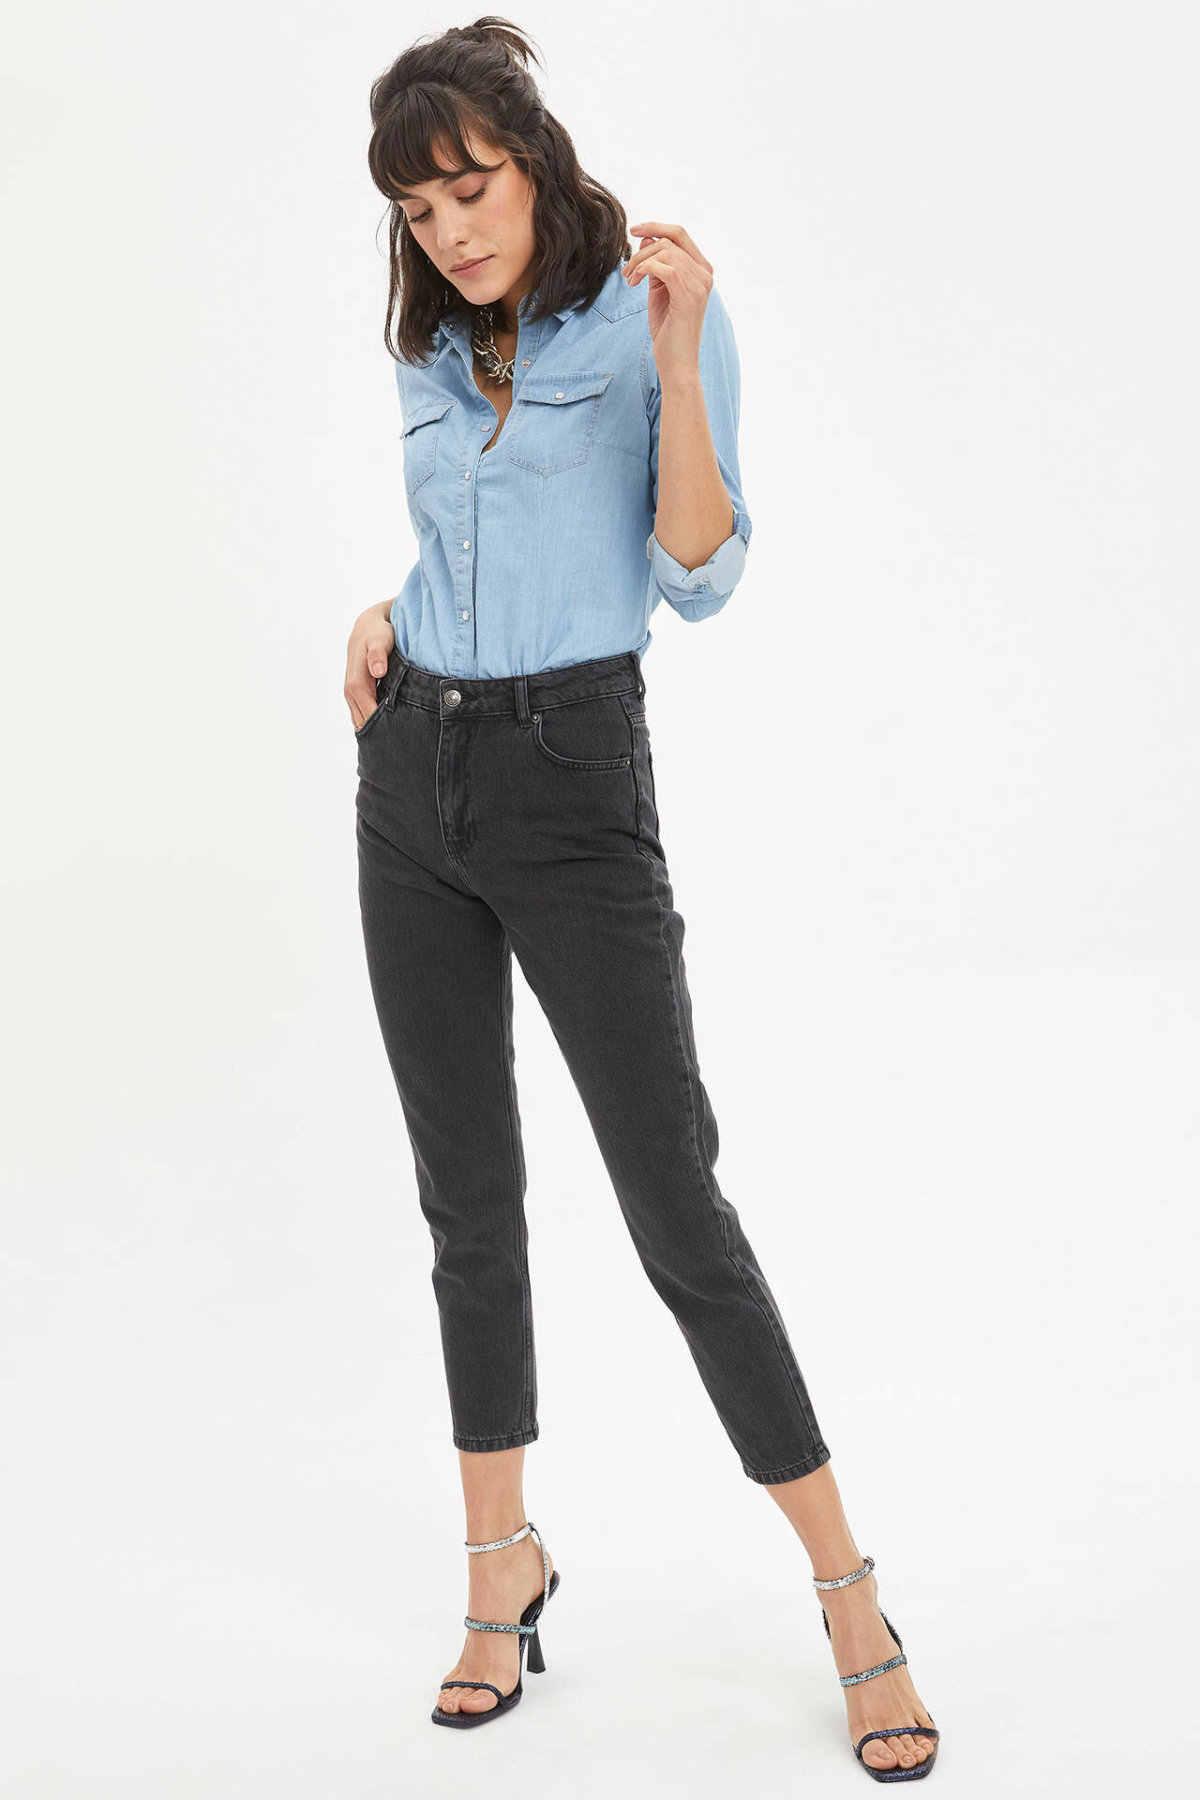 Defacto Vrouw Black Denim Jeans Vrouwen Lente Denim Potlood Broek Vrouwelijke Bottom Jeans Trousers-J0050AZ20SP